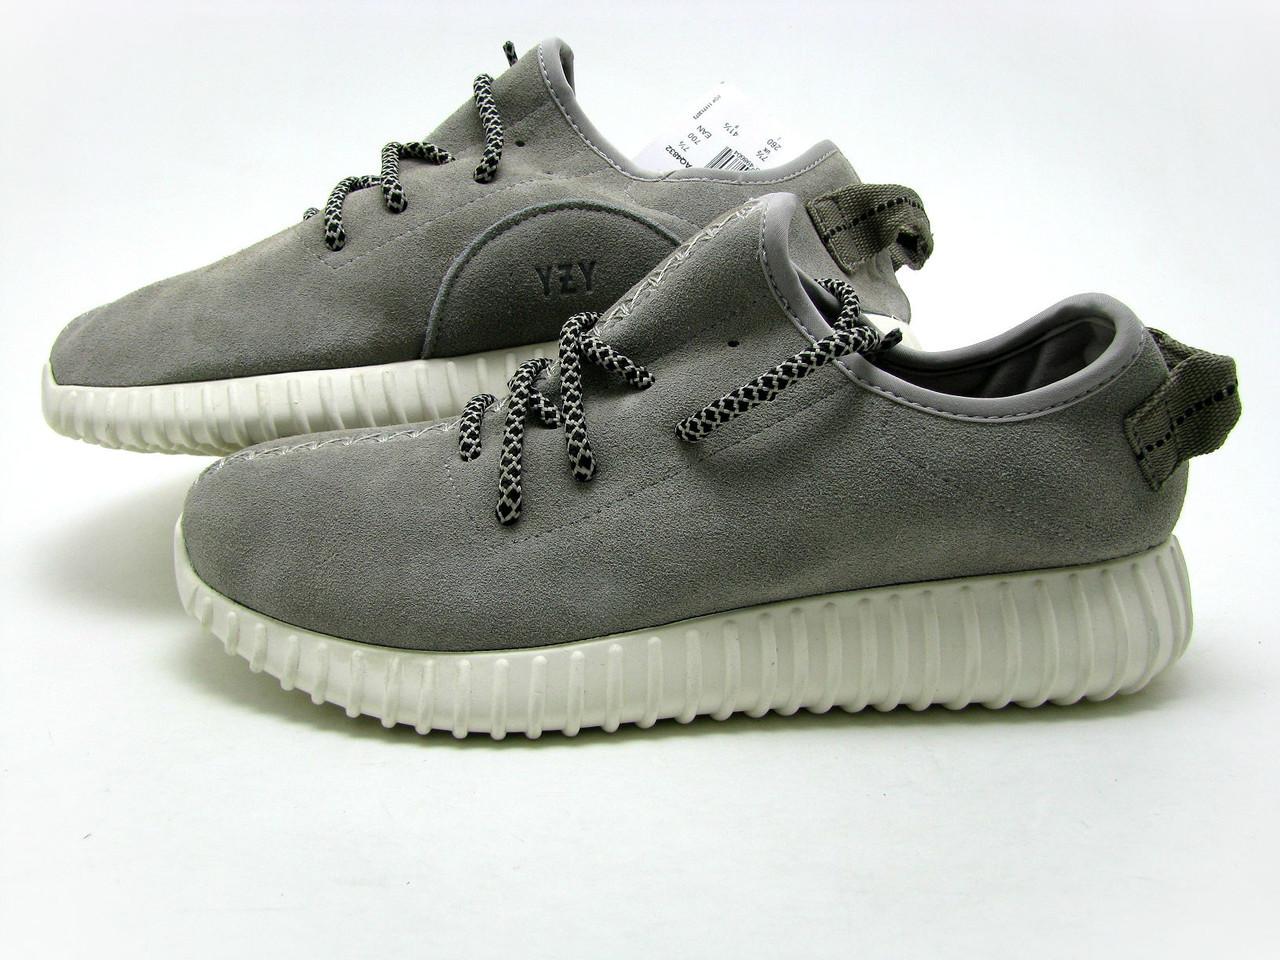 Кроссовки мужские Adidas Yeezy Boost 350 Low Замшевые  серые